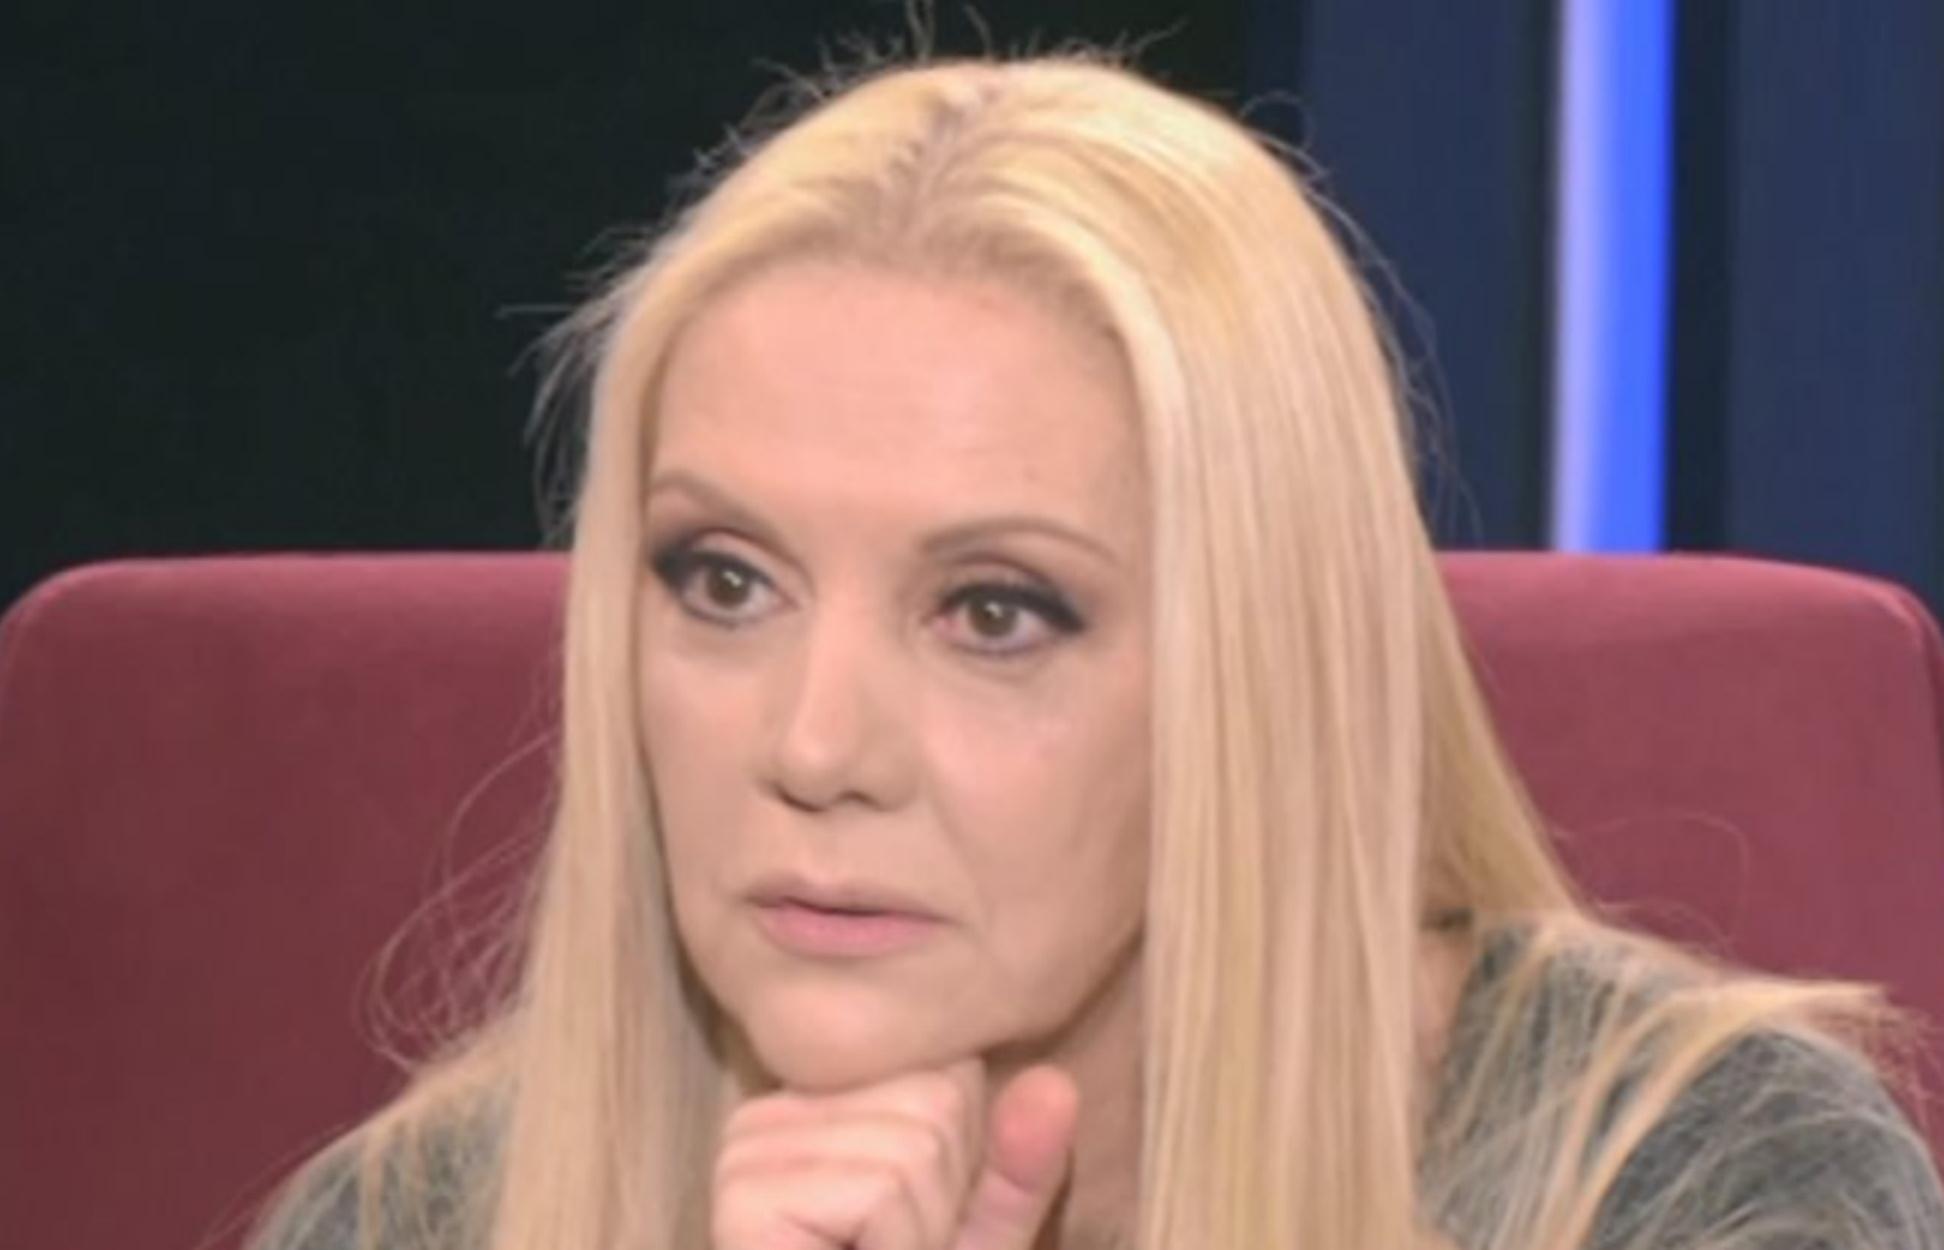 Έλντα Πανοπούλου για Παύλο Χαϊκάλη: «Αν το έκανε αυτό δάσκαλος της σχολής μου μπορεί και να χειροδικούσα»